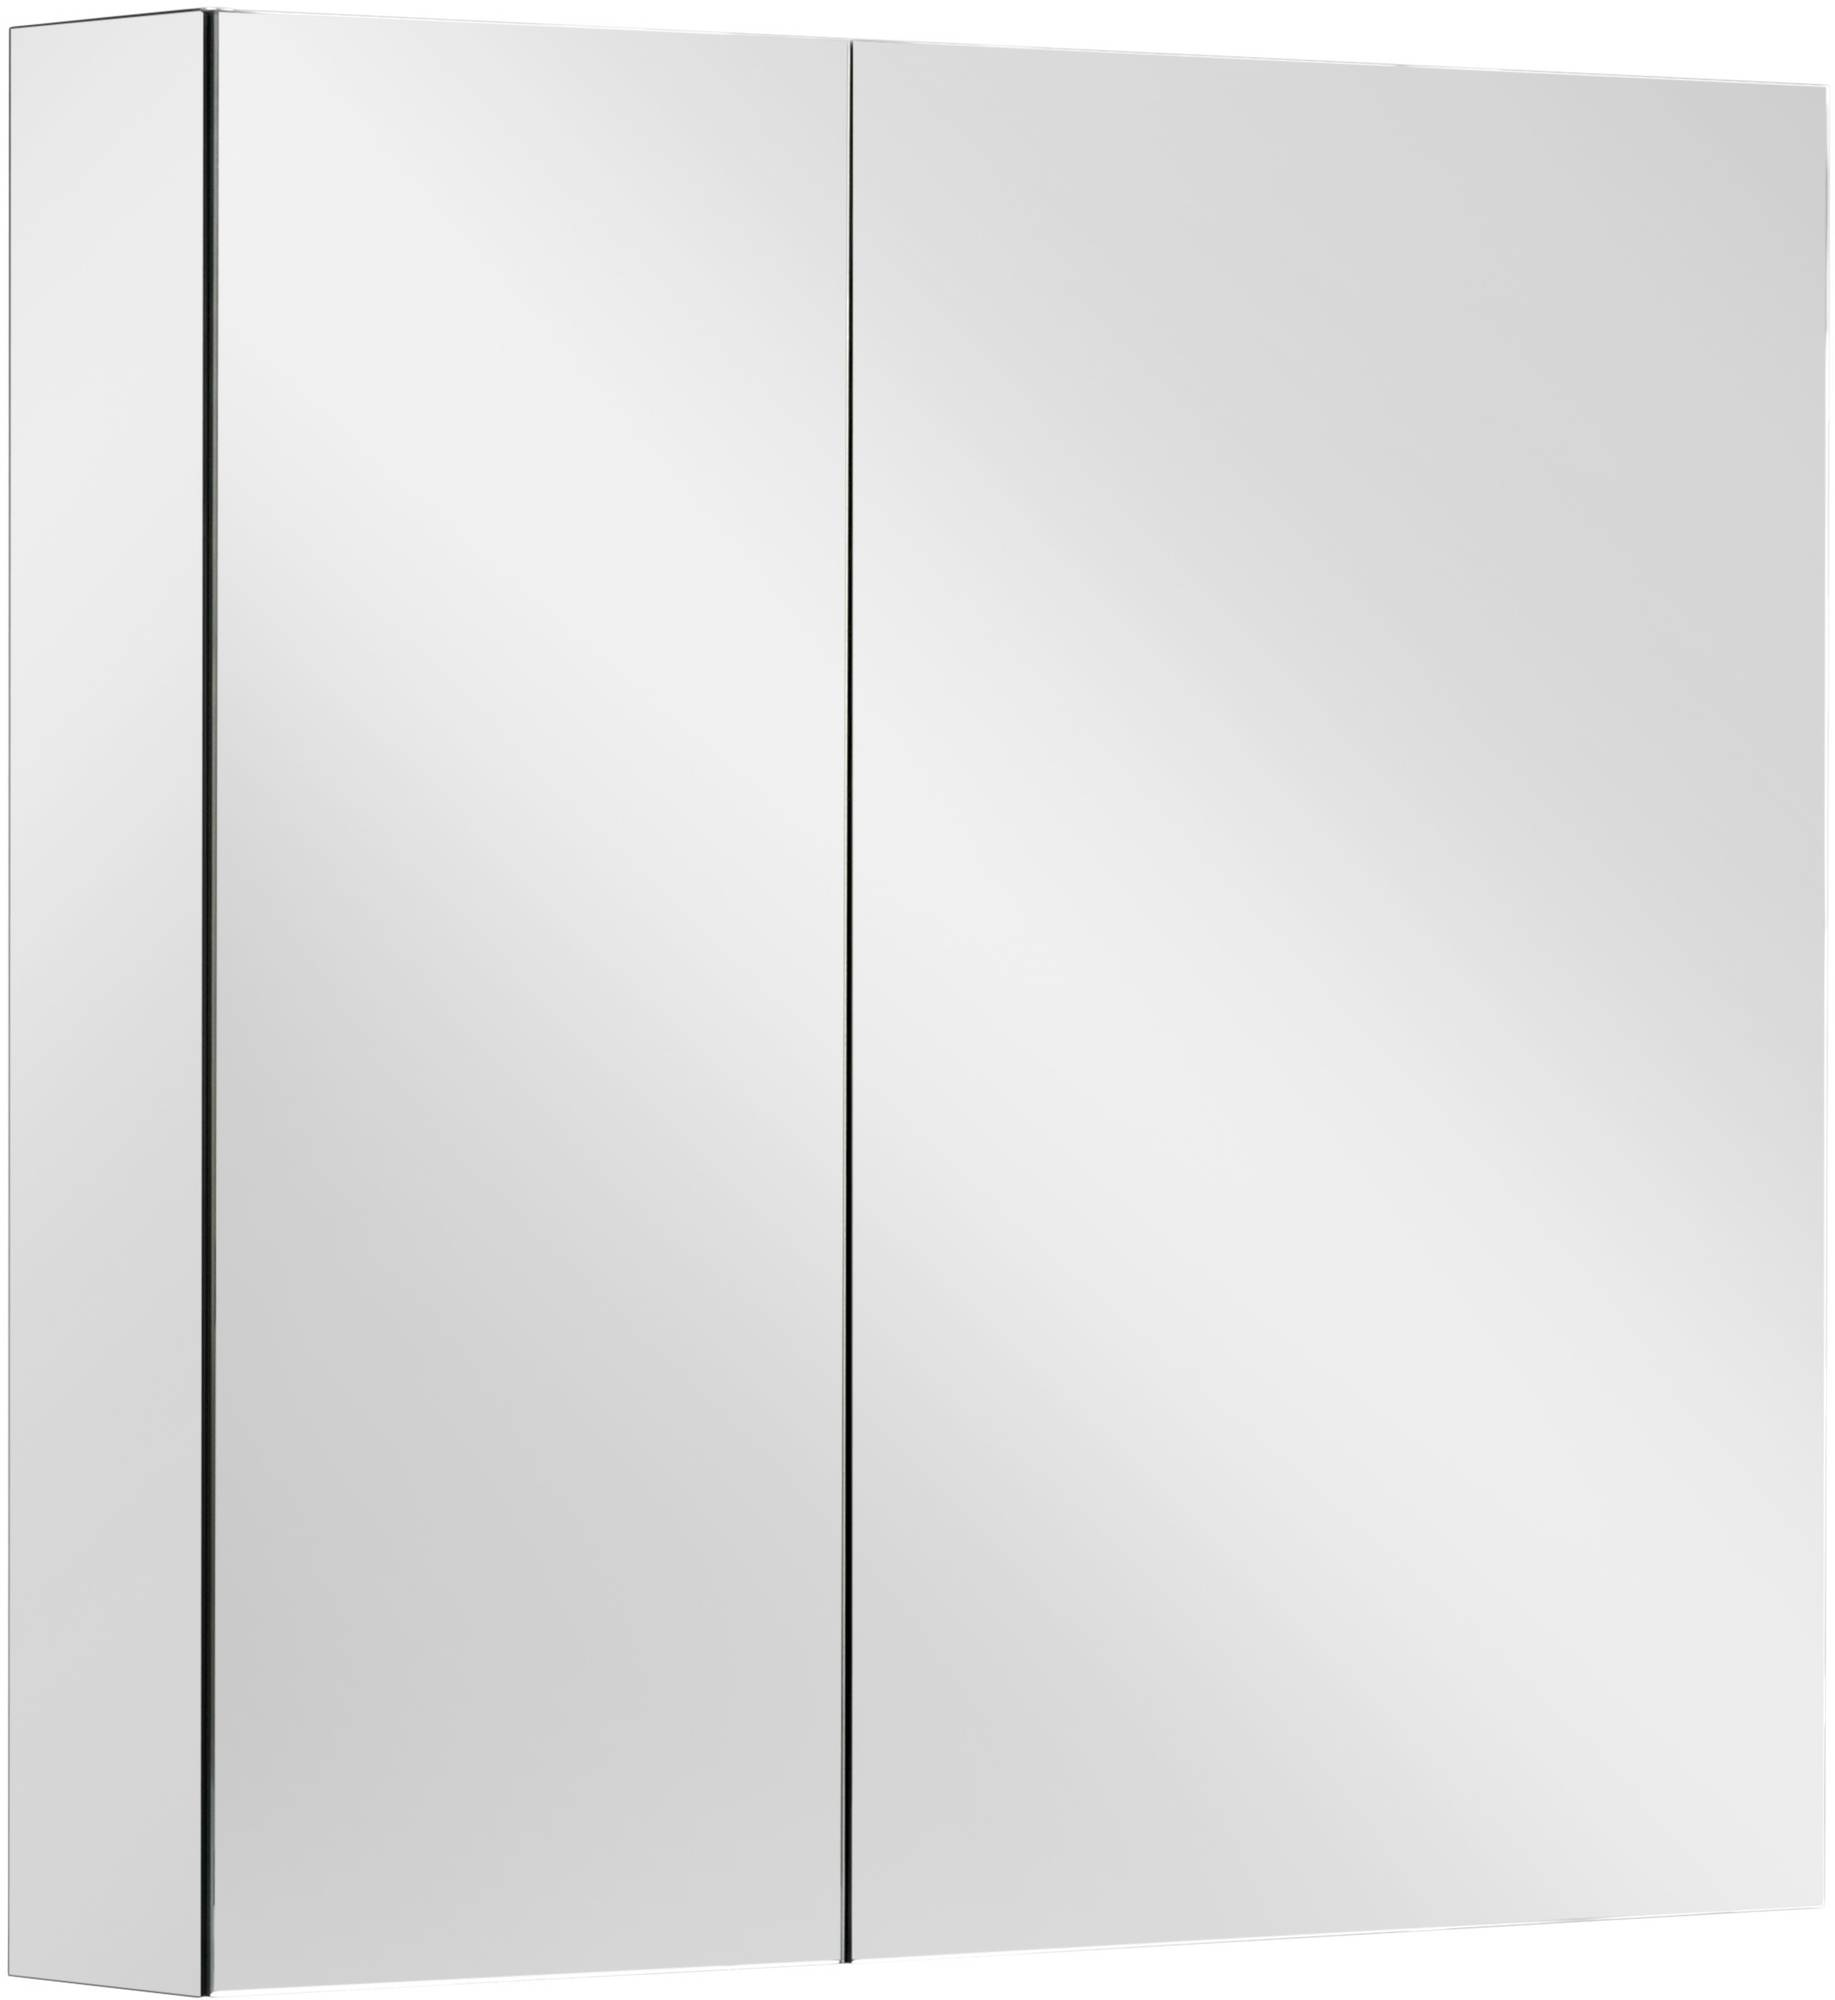 Ben Vario spiegelkast,2 ongelijke delen,rechts,80x14x75cm, spiegelmelamine omtrokken zijpanelen